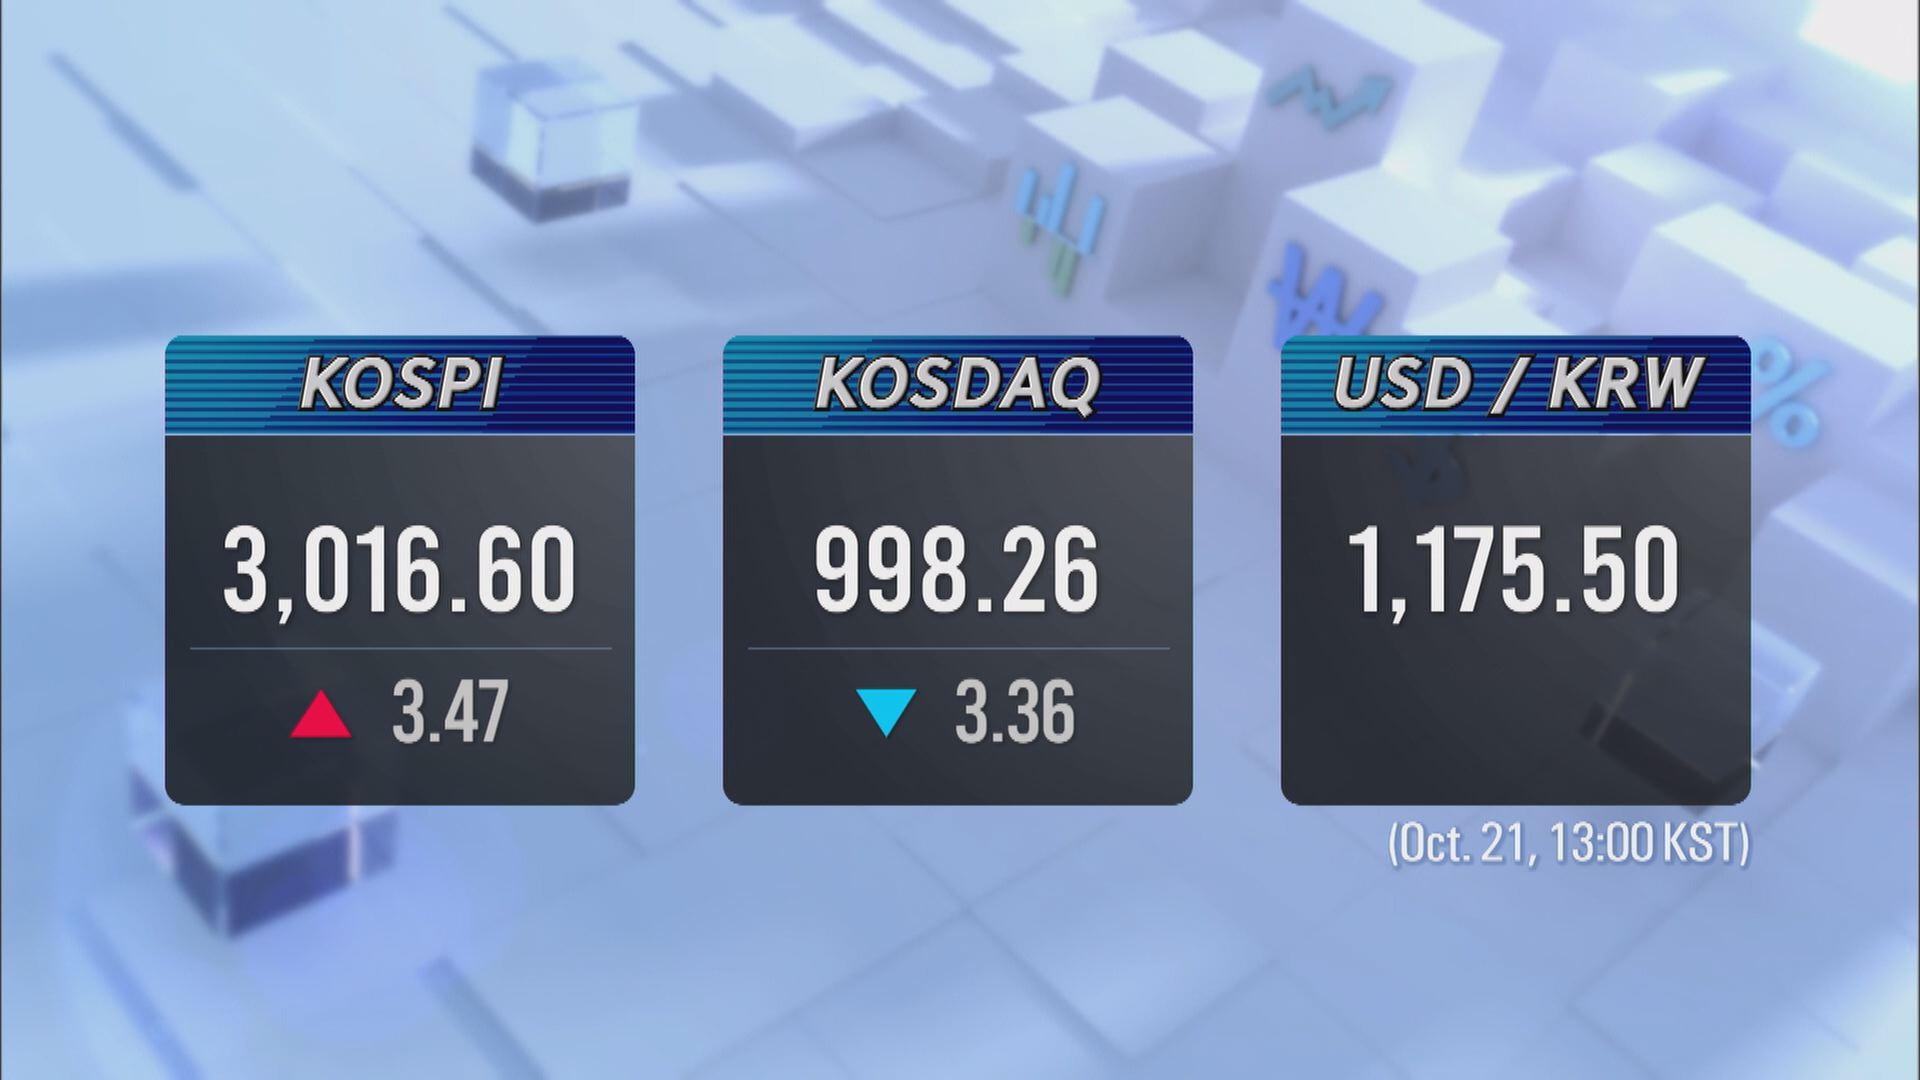 KOSPI 3,016.60 KOSDAQ 998.26